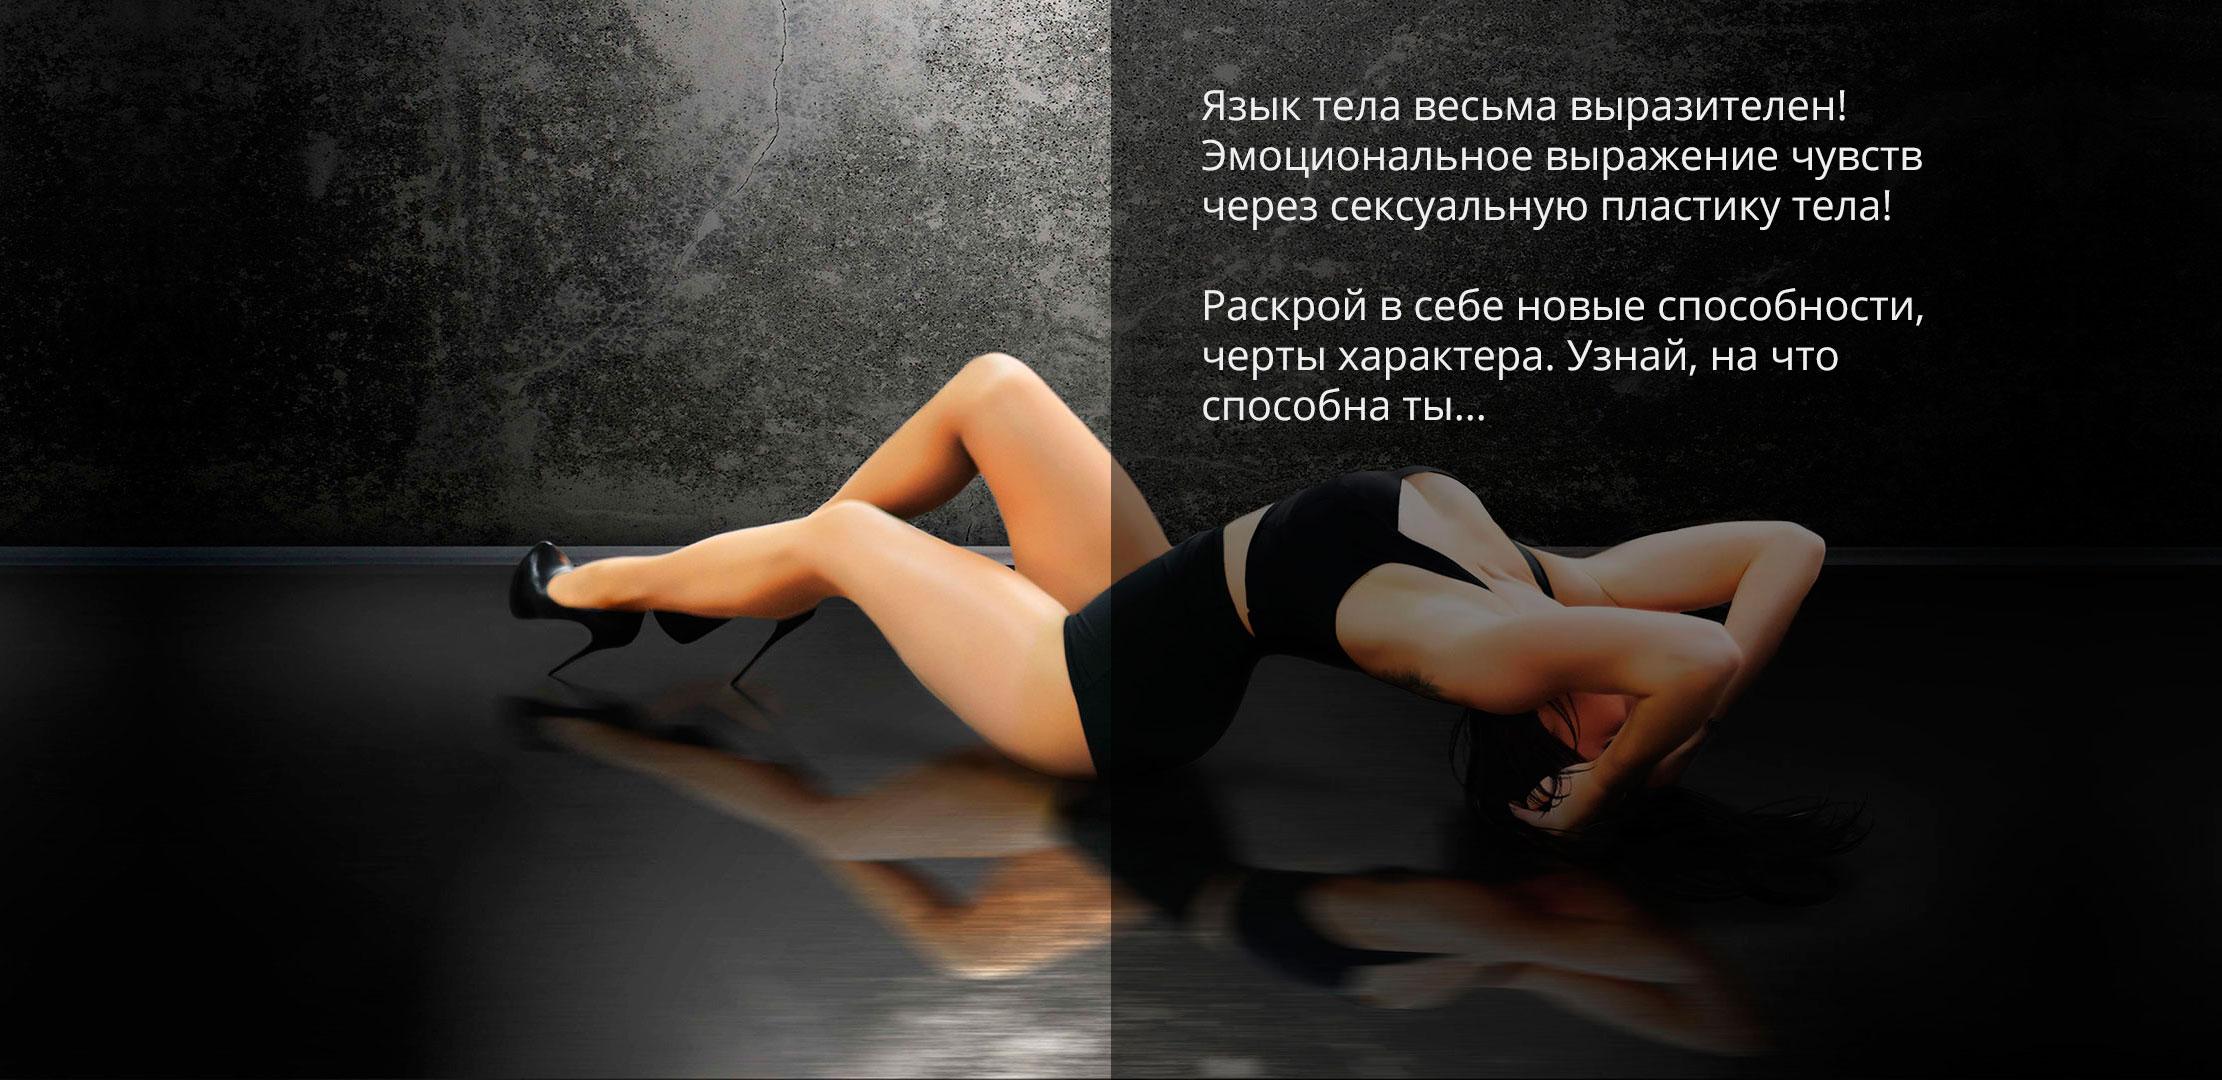 glavnaya-02